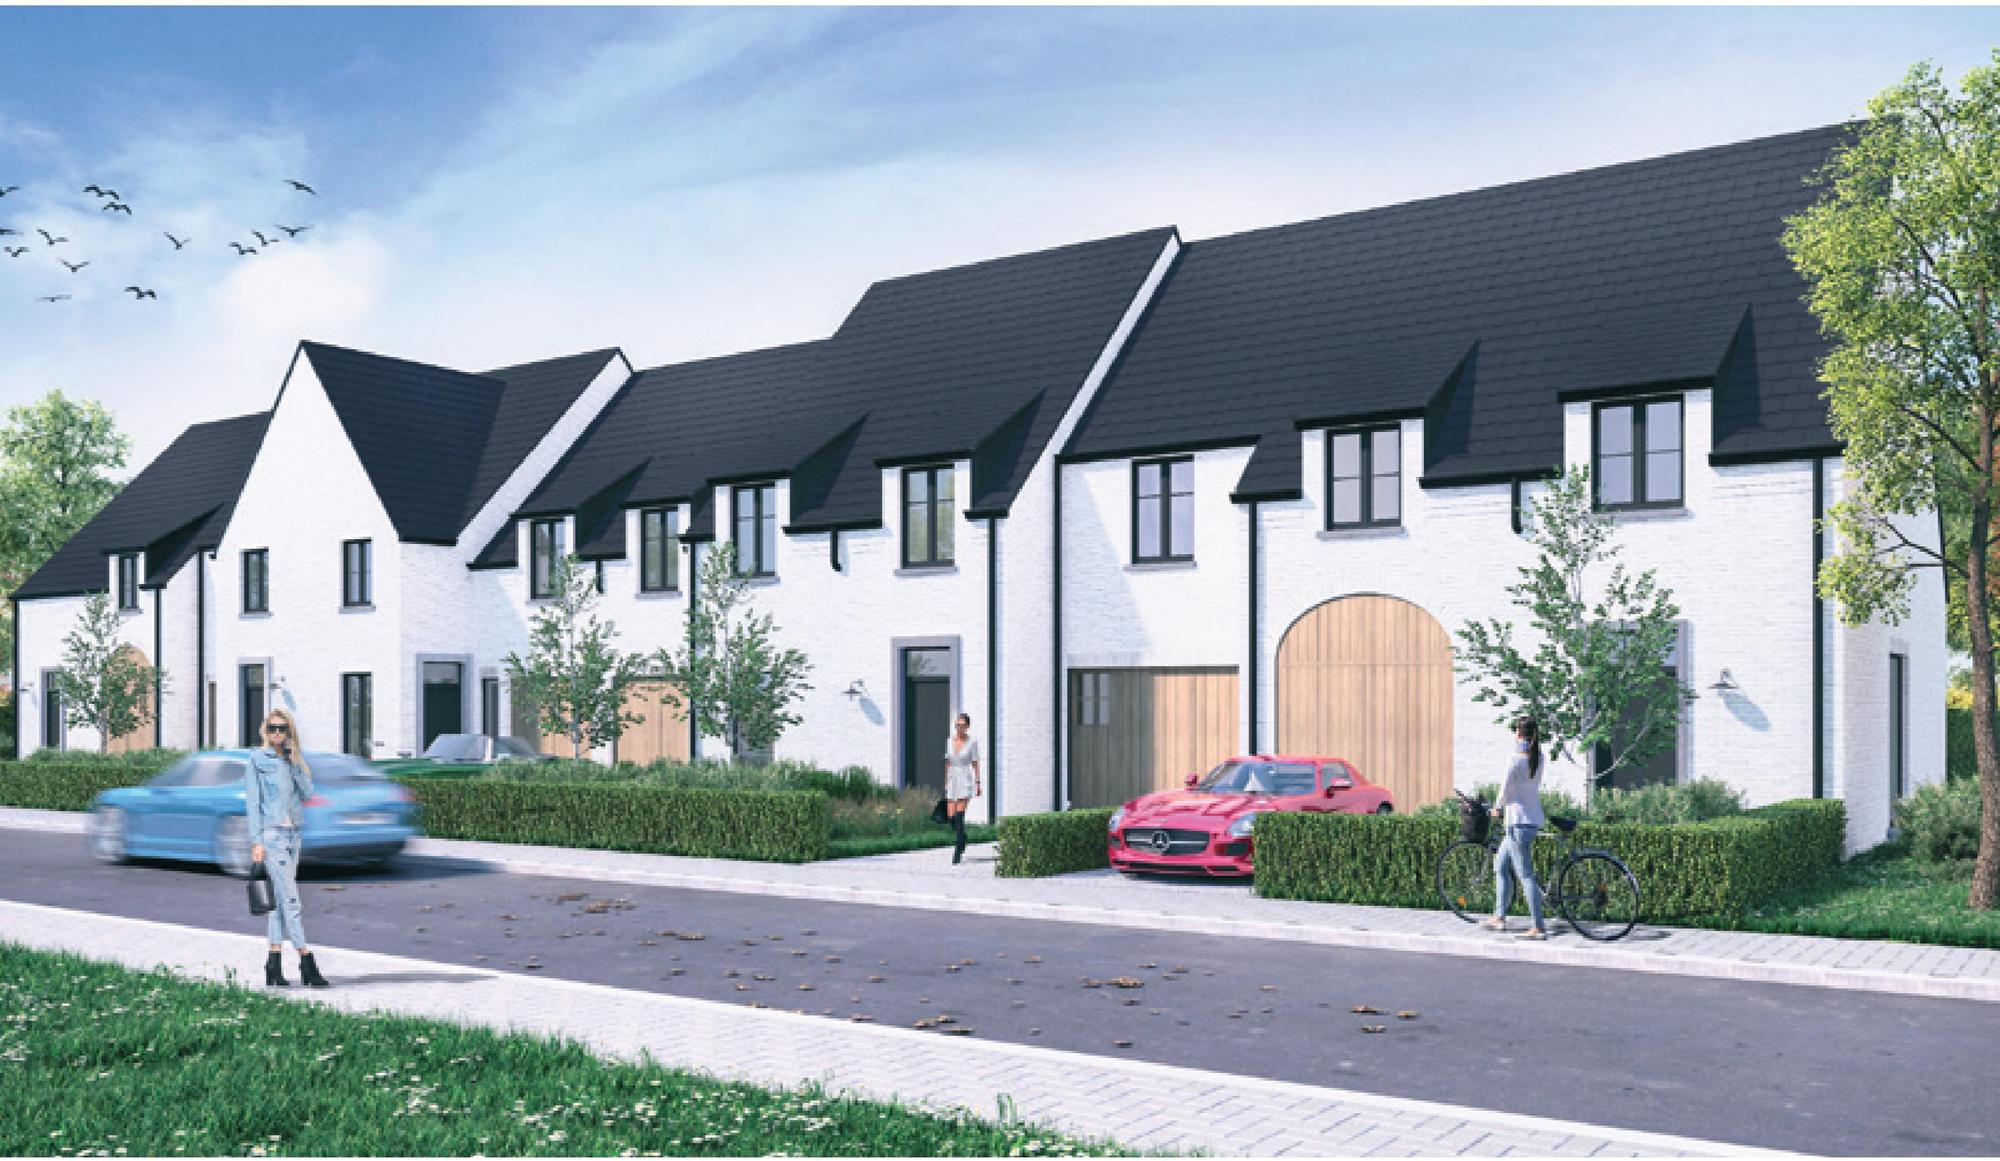 'Wonen is een basisbehoefte dus investeren in nieuwbouw is altijd een goed plan'